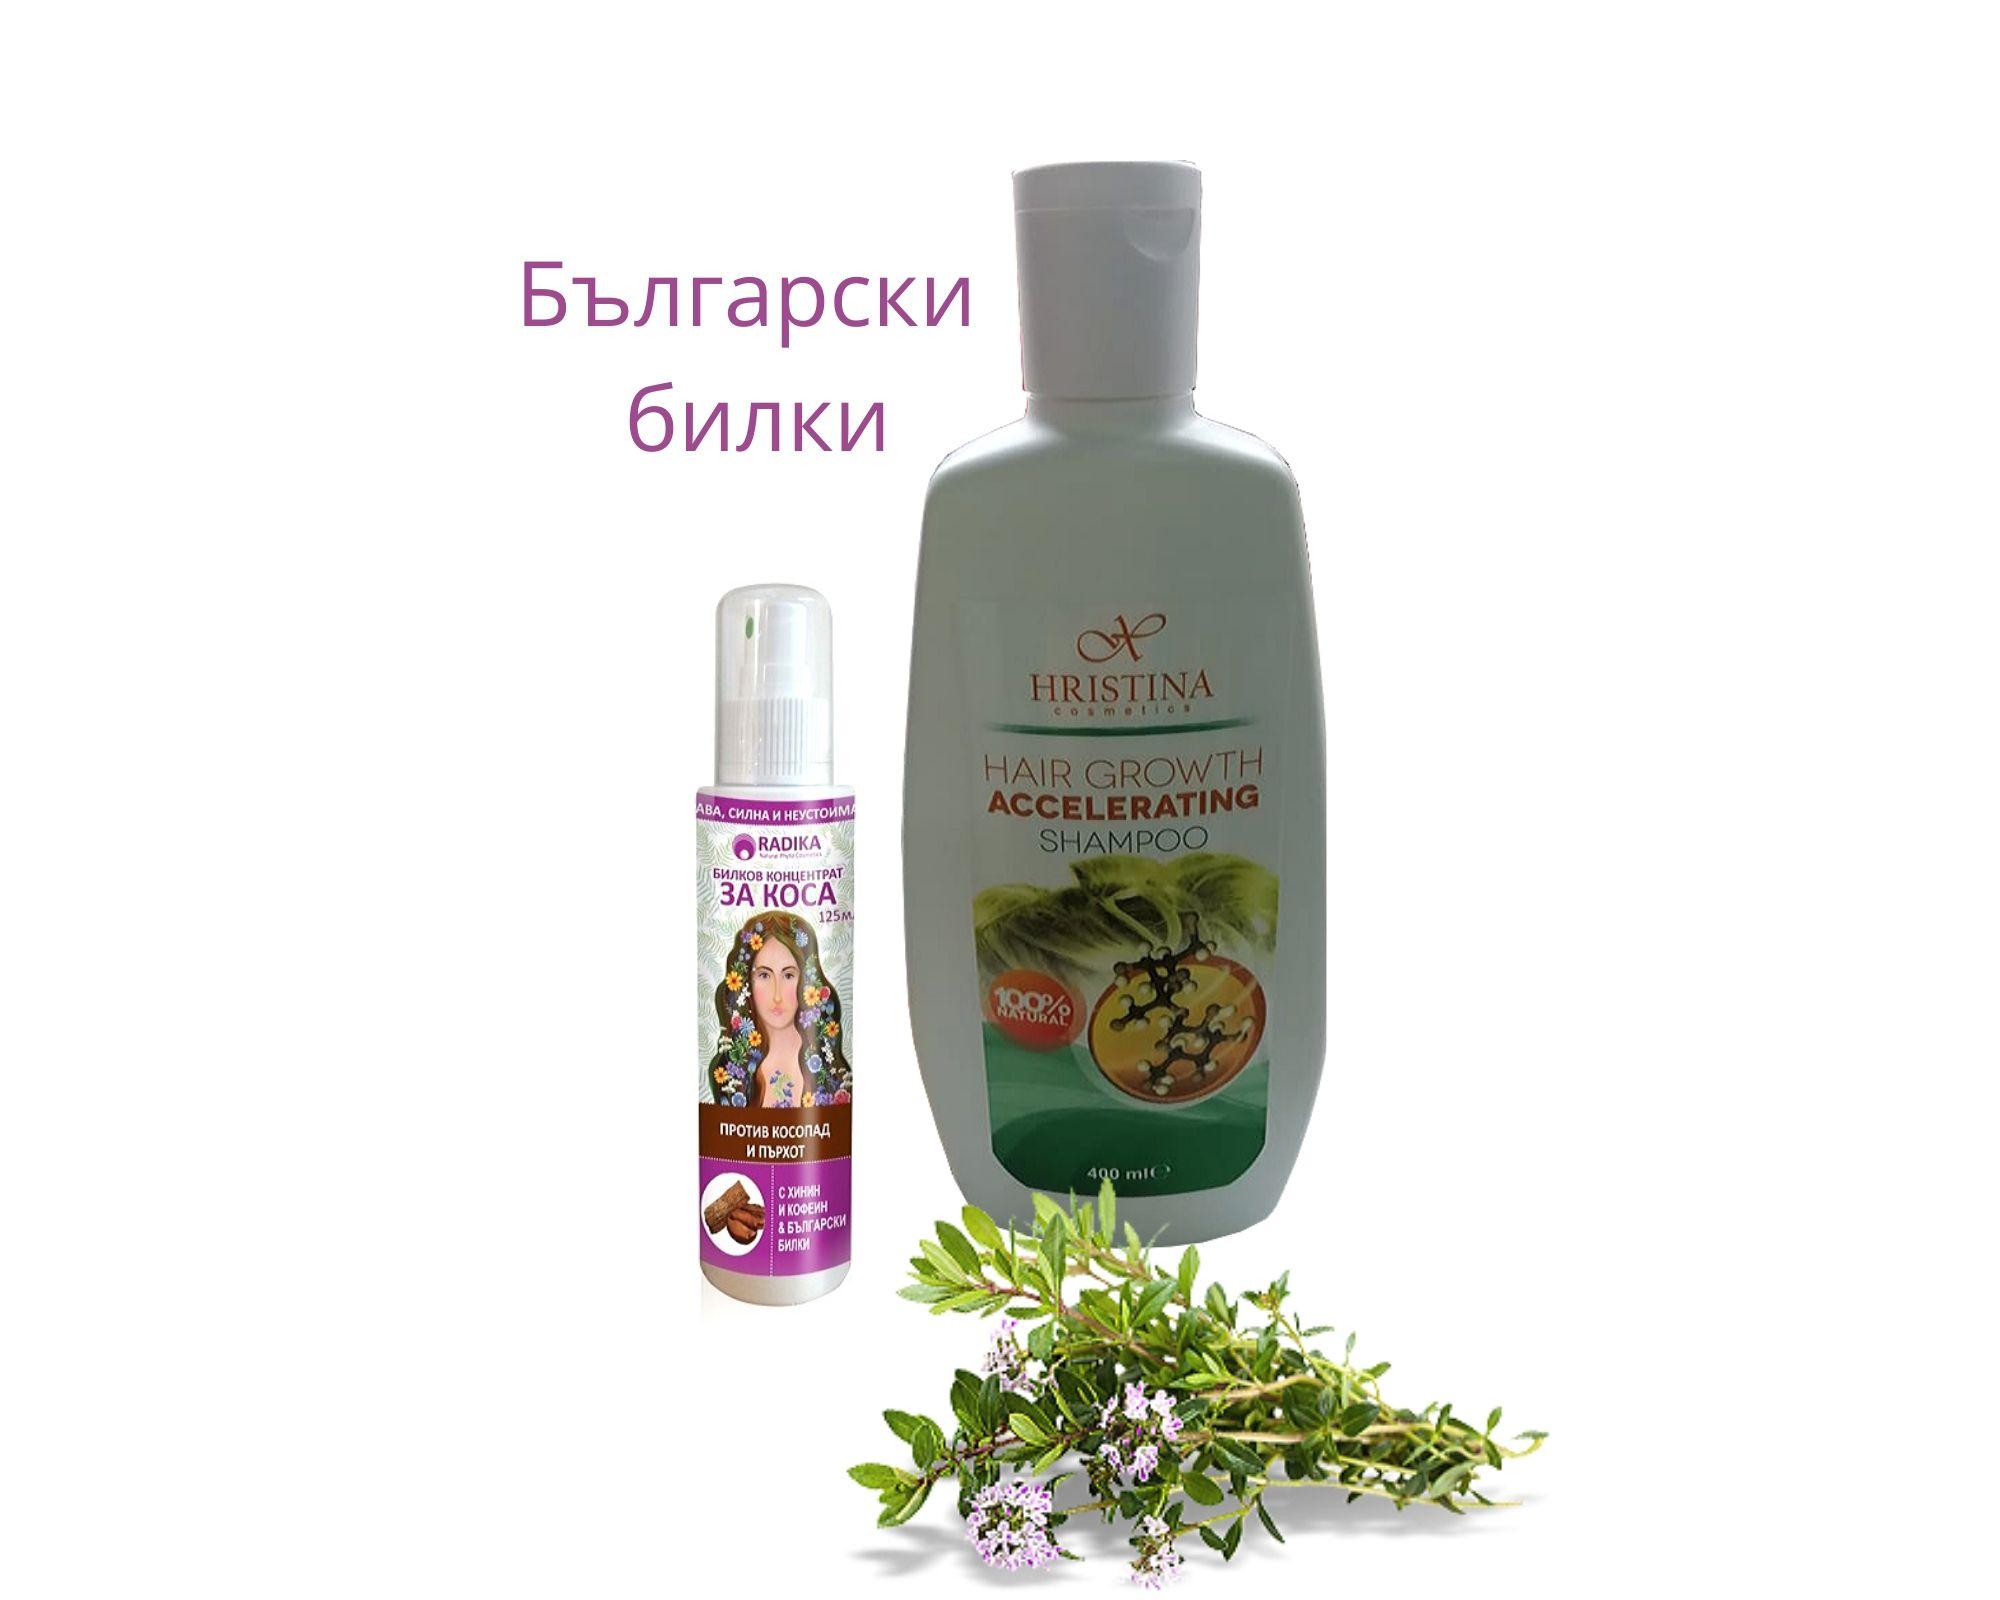 Български билки